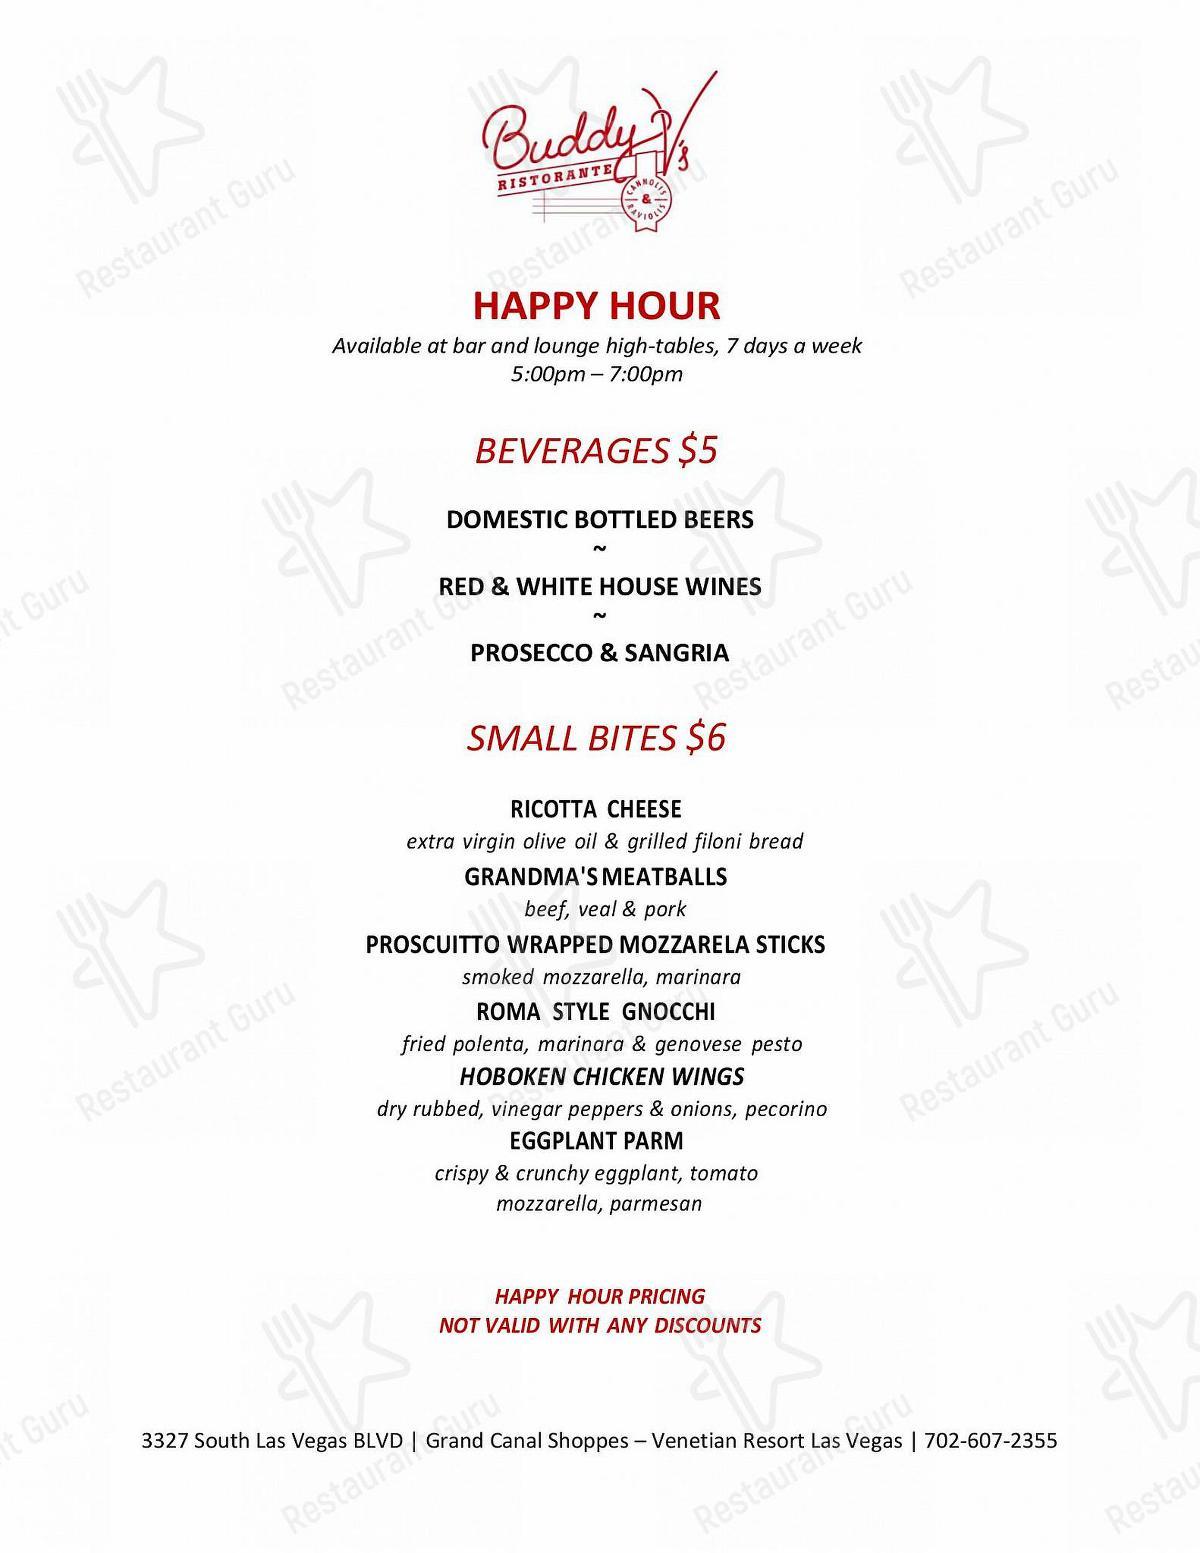 Happy Hour Menu de Buddy V's Ristorante en Las Vegas